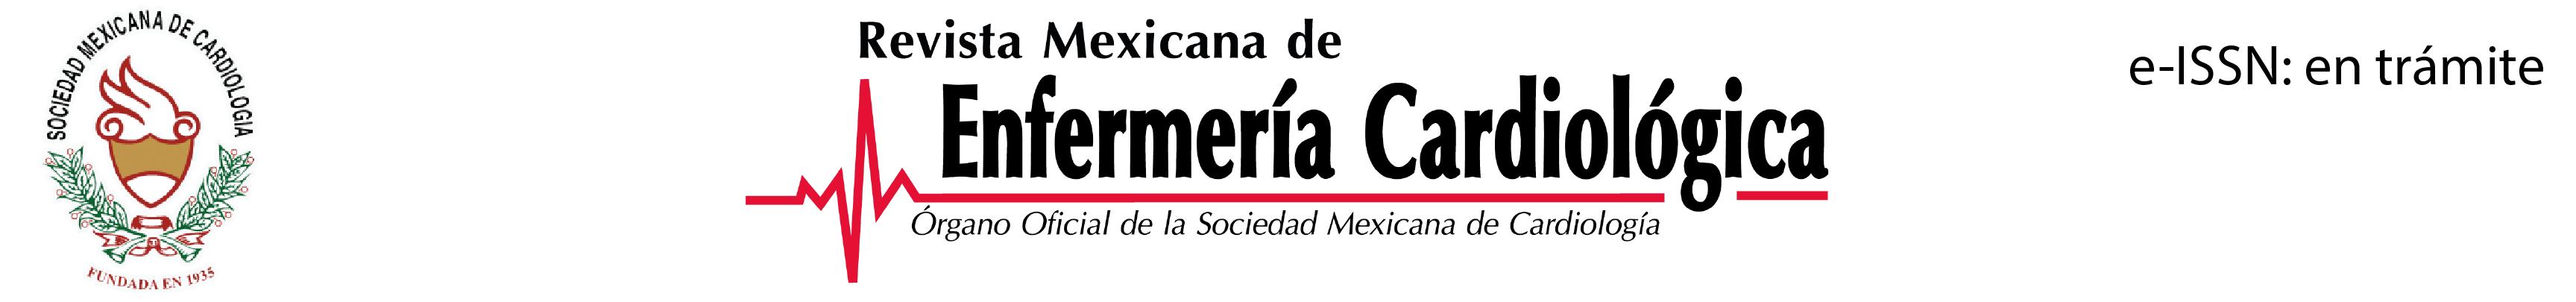 Revista Mexicana de Enfermería Cardiológica